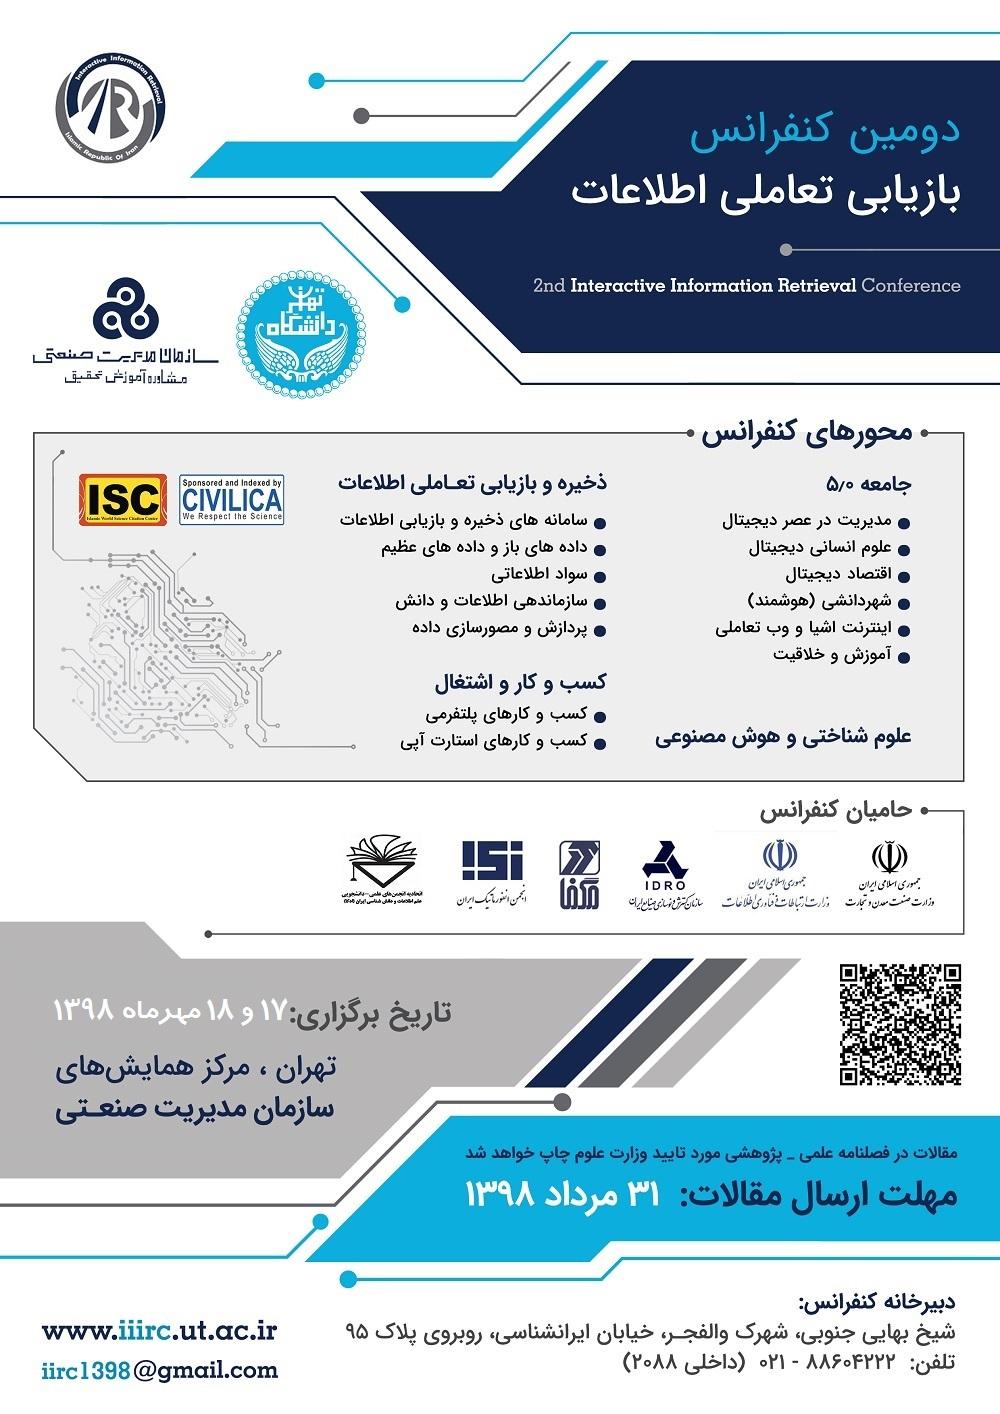 کنفرانس بازیابی تعاملی اطلاعات